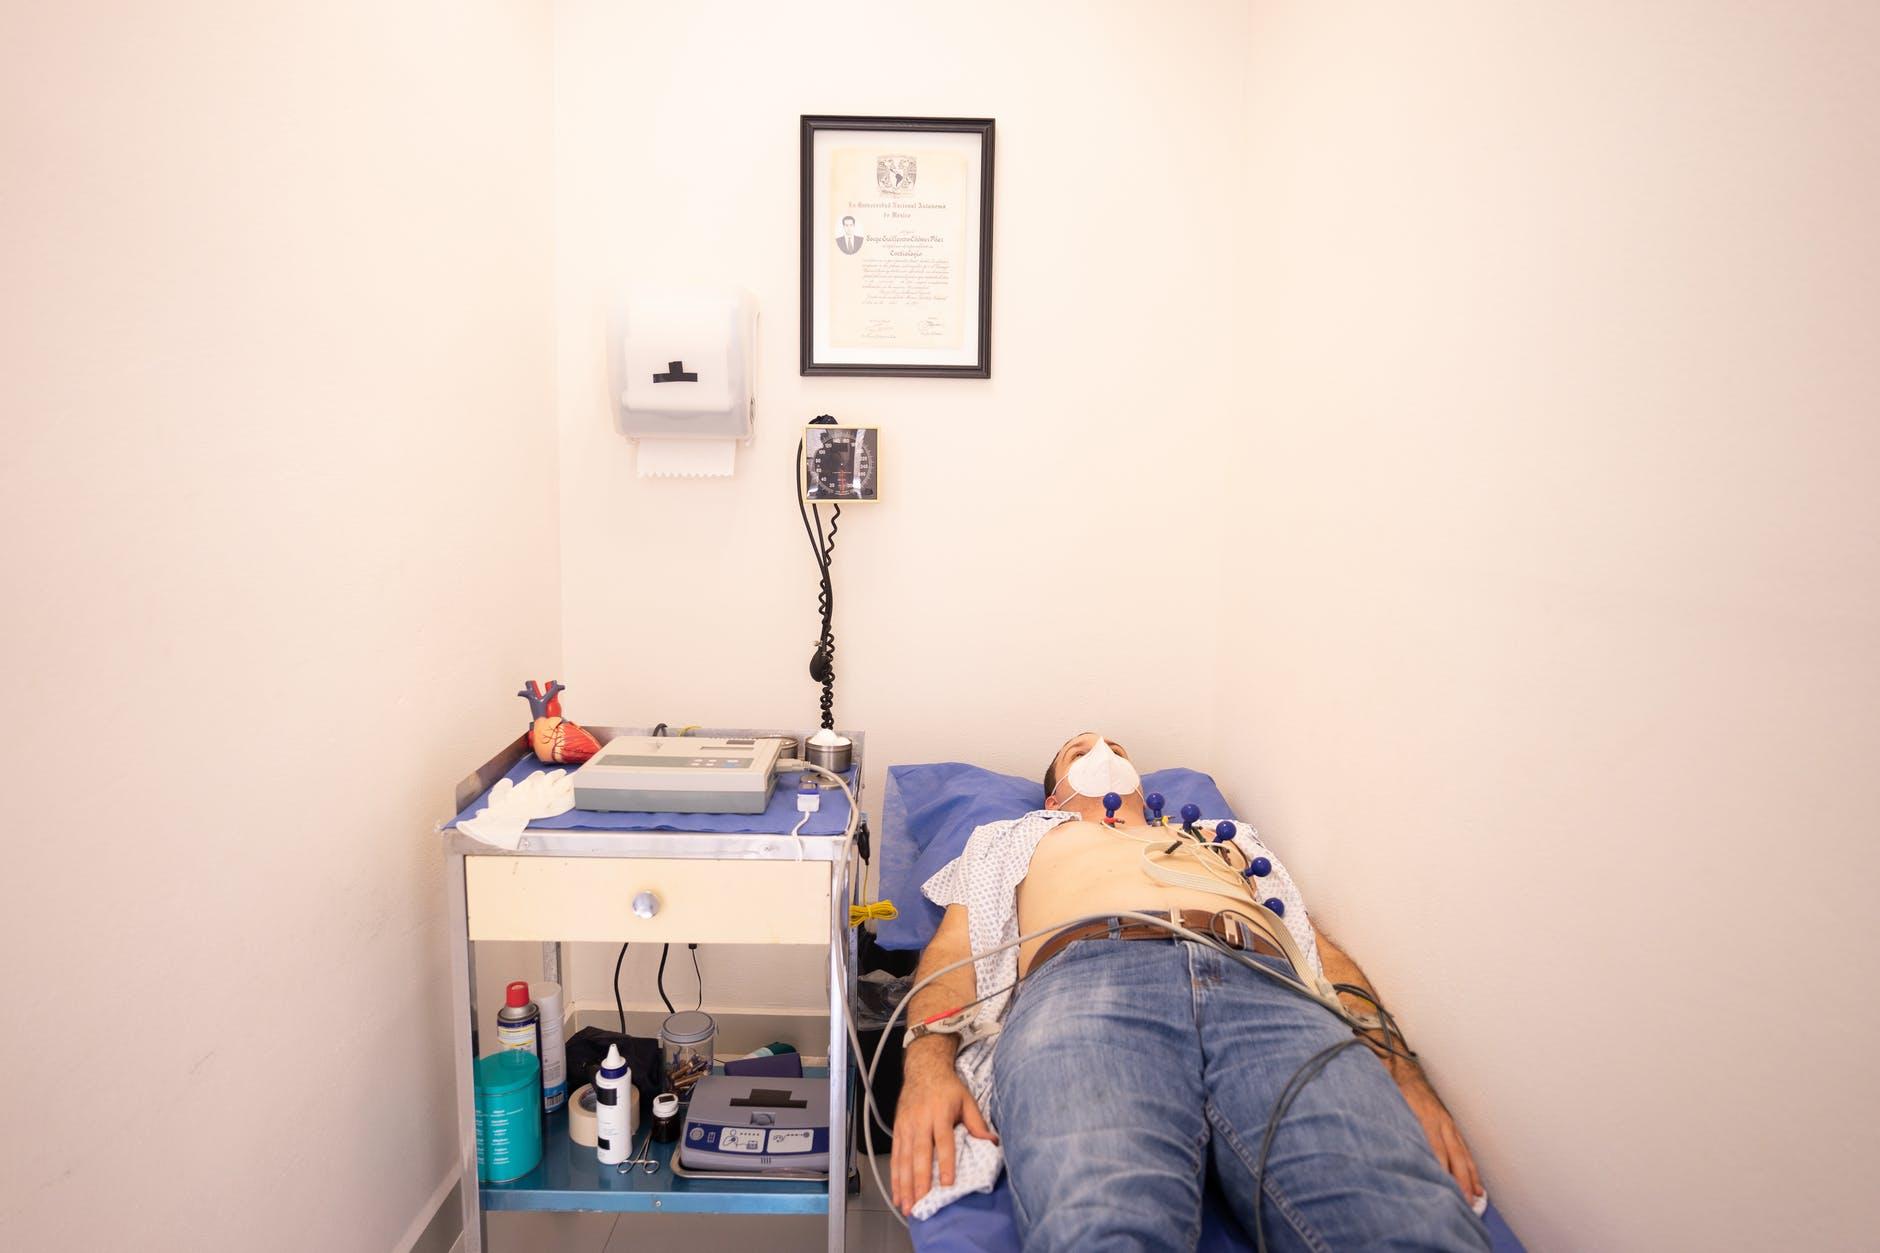 Profilaktinė medicininė apžiūra – būdas gyventi ilgai ir kokybiškai